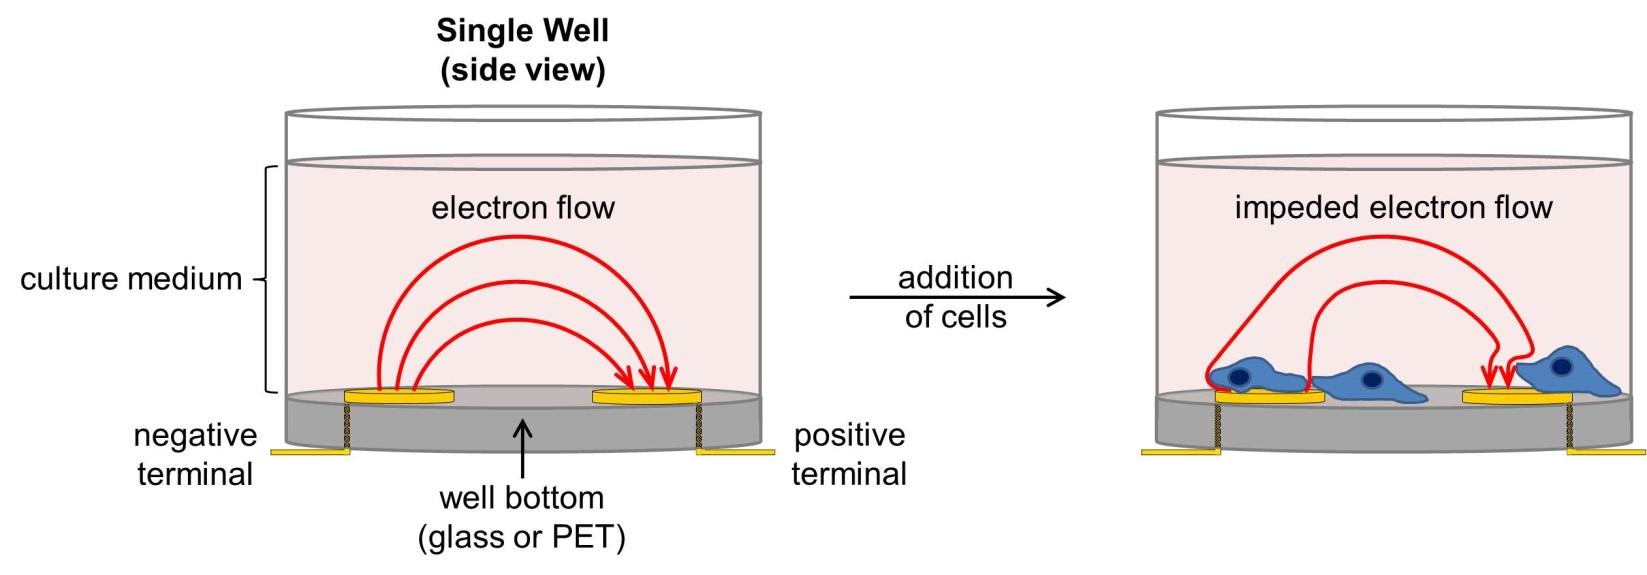 Figura 1 - Representação do dispositivo de impedância celular